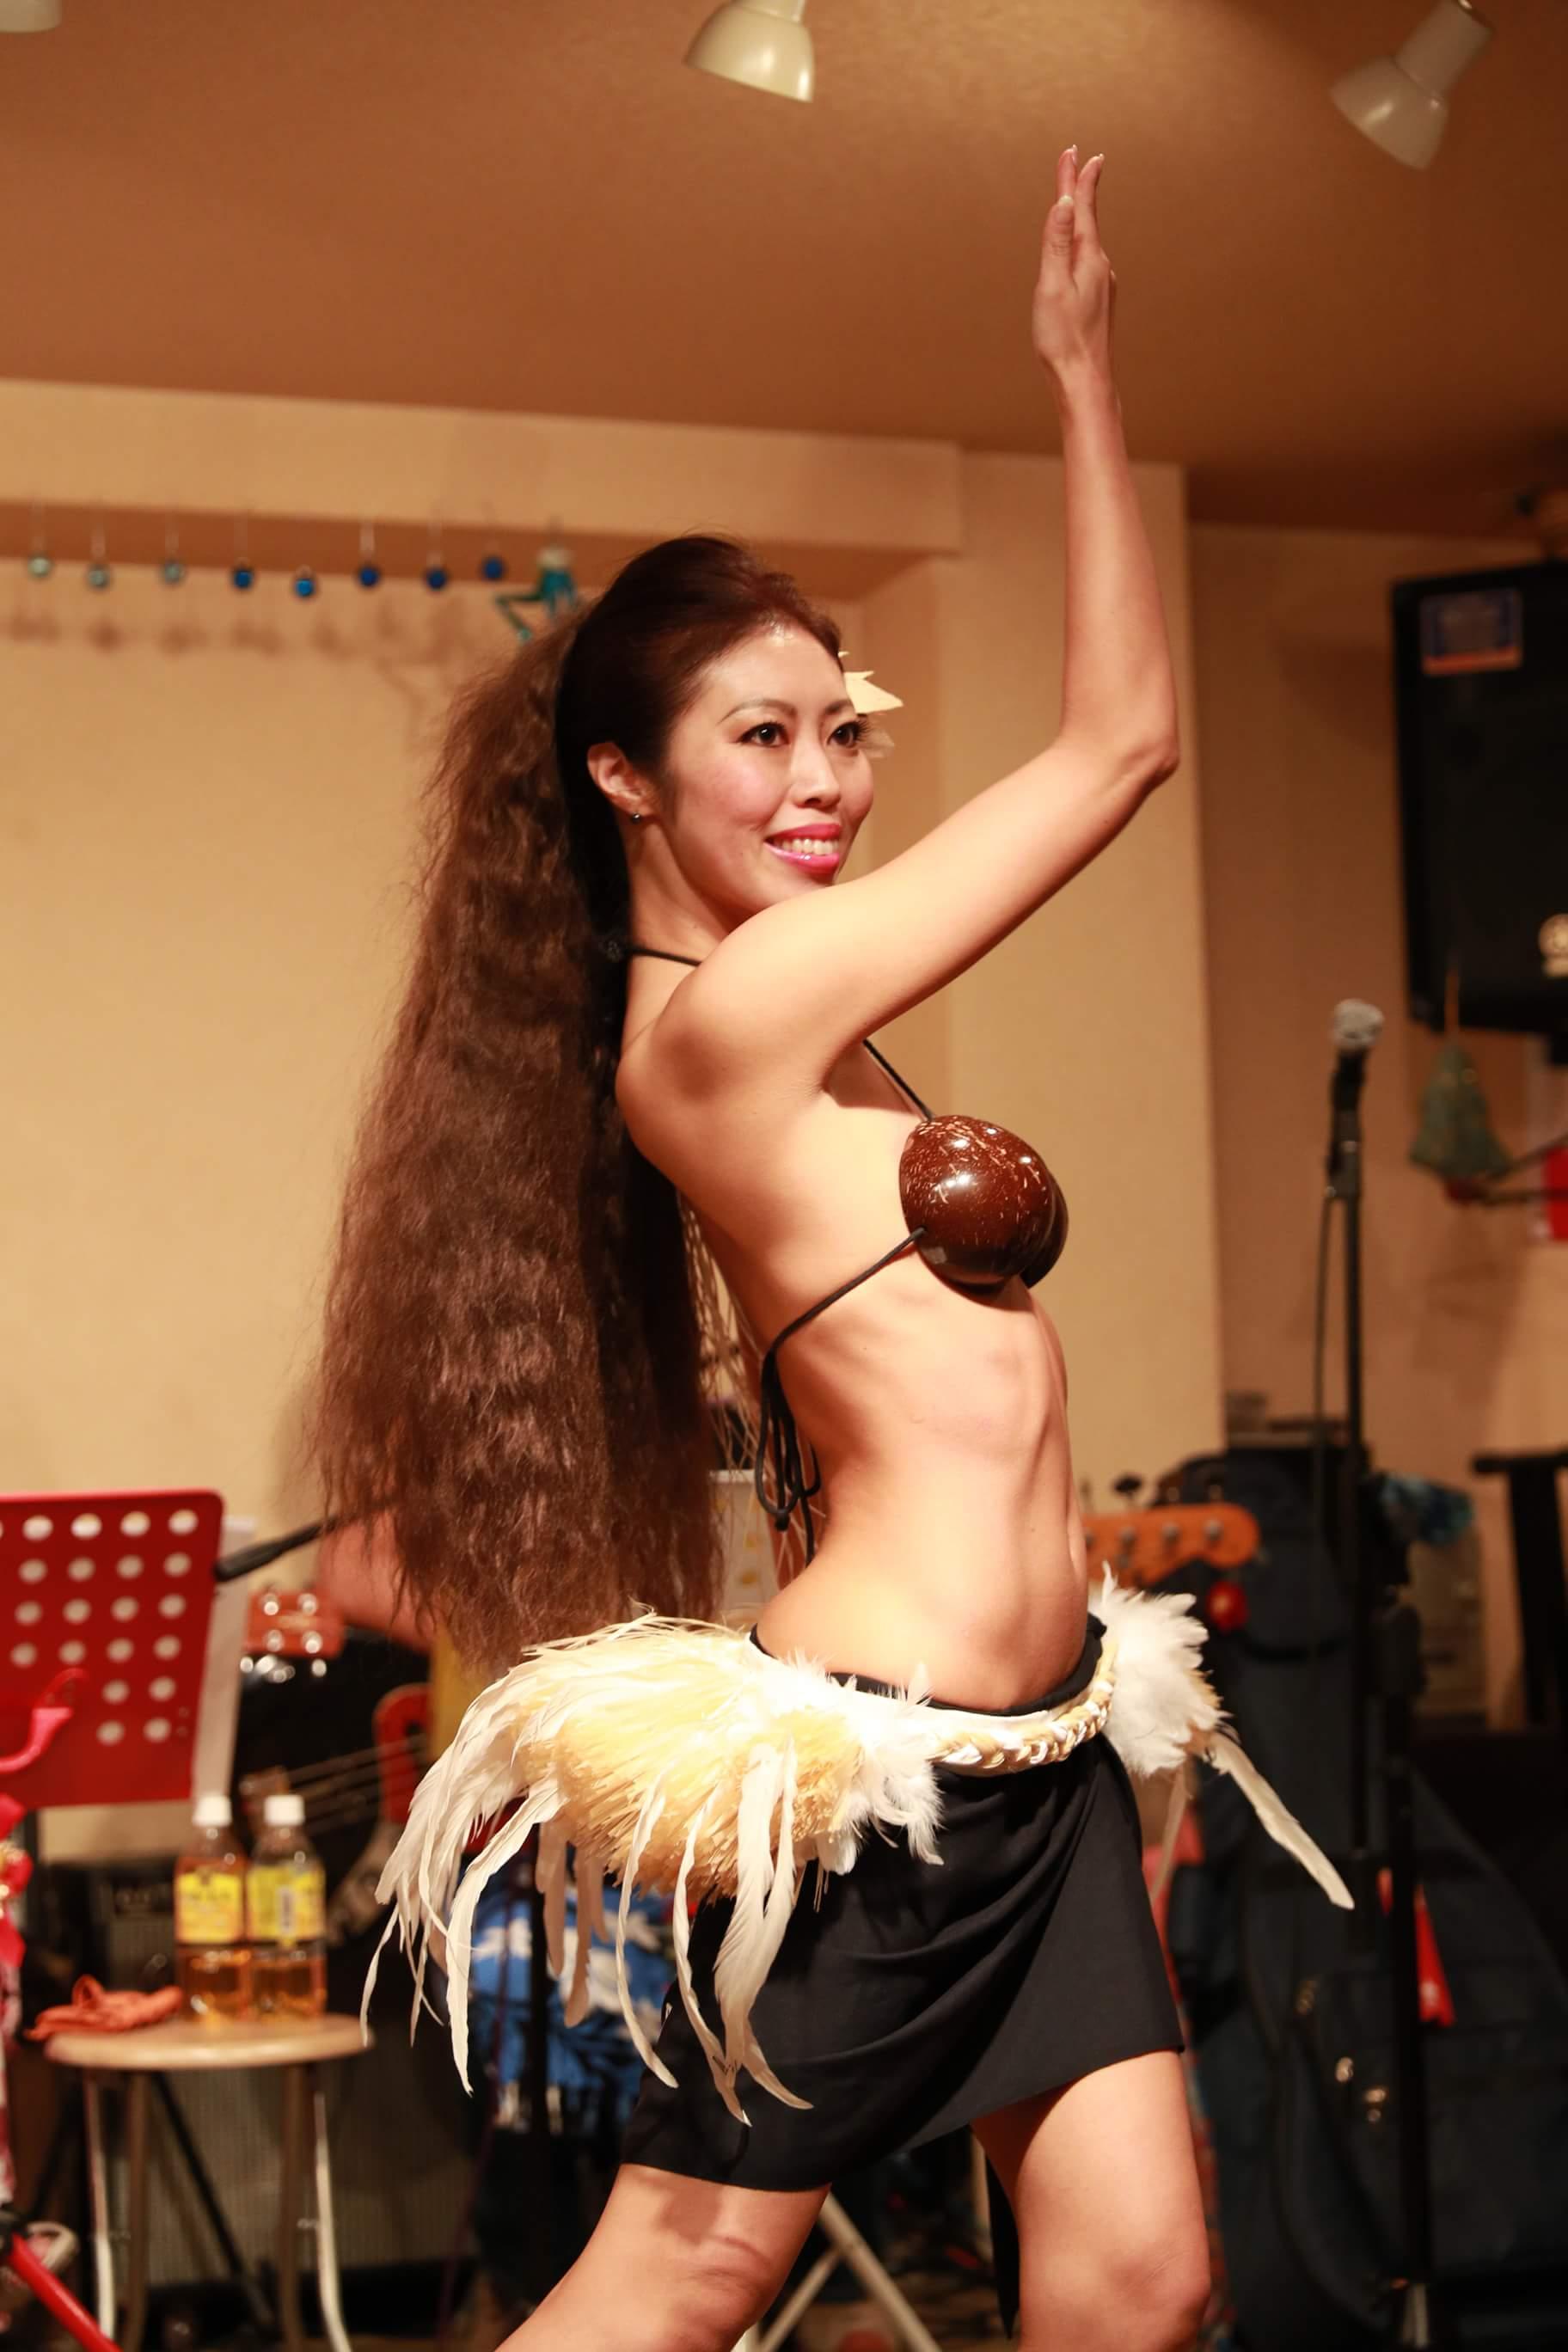 タヒチアンダンス発表会